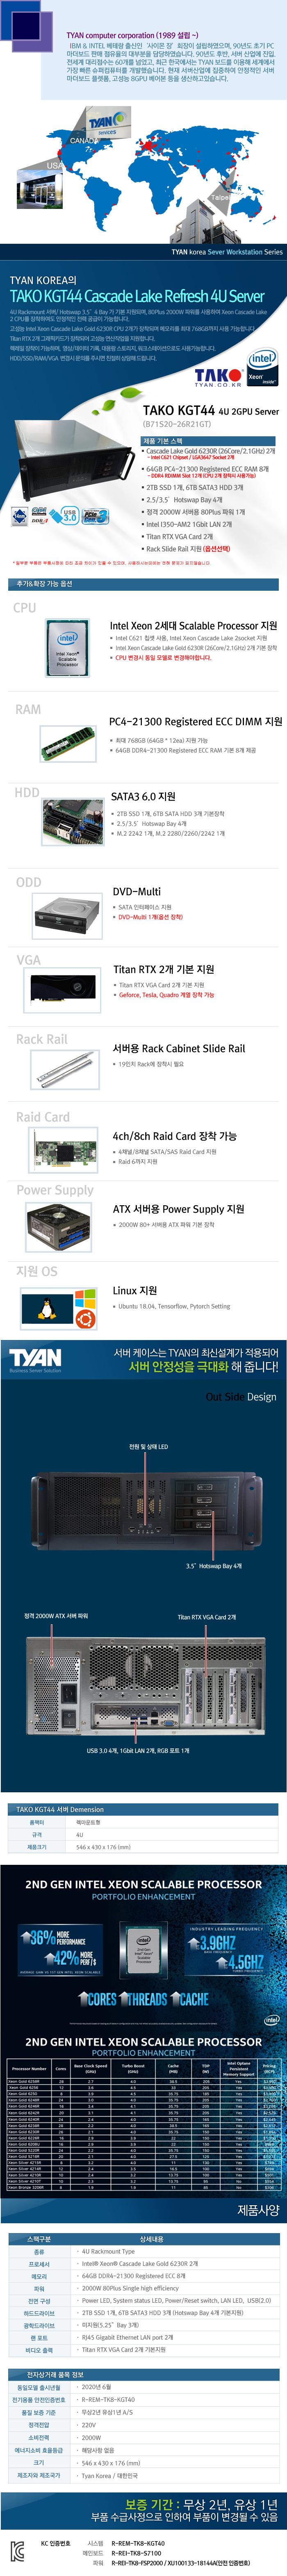 TYAN TAKO-KGT44-(B71S20-26R21GT) 2GPU (512GB, SSD 2TB + 18TB)